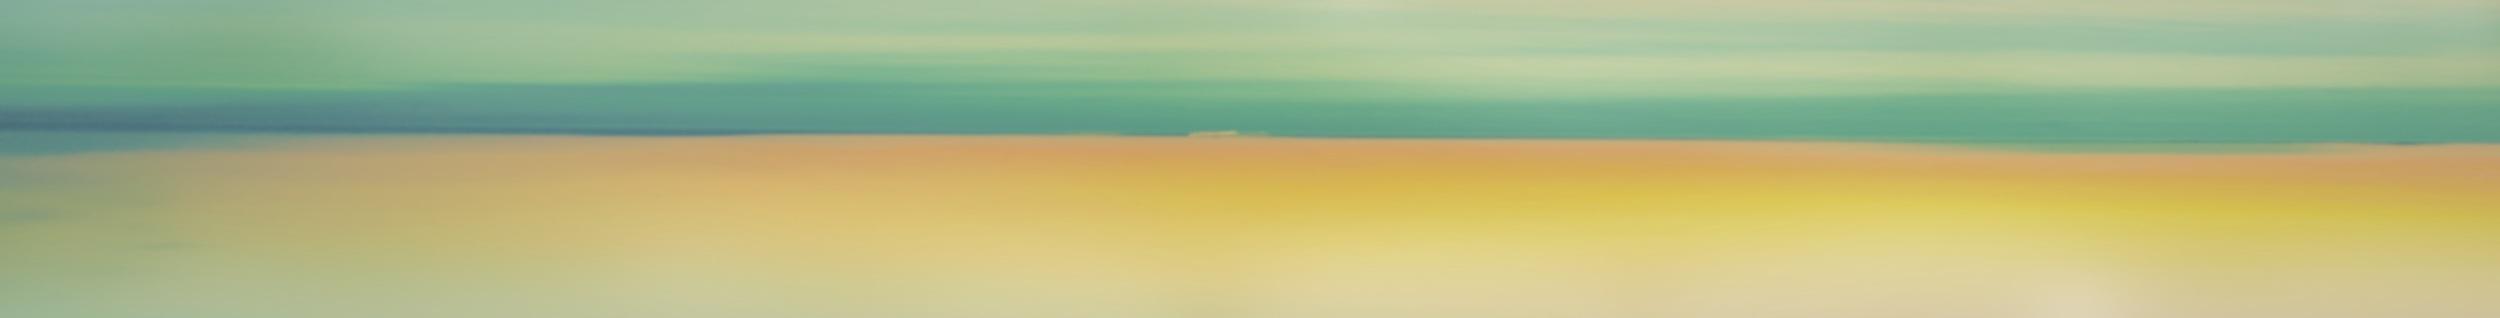 sunset+divider.jpg